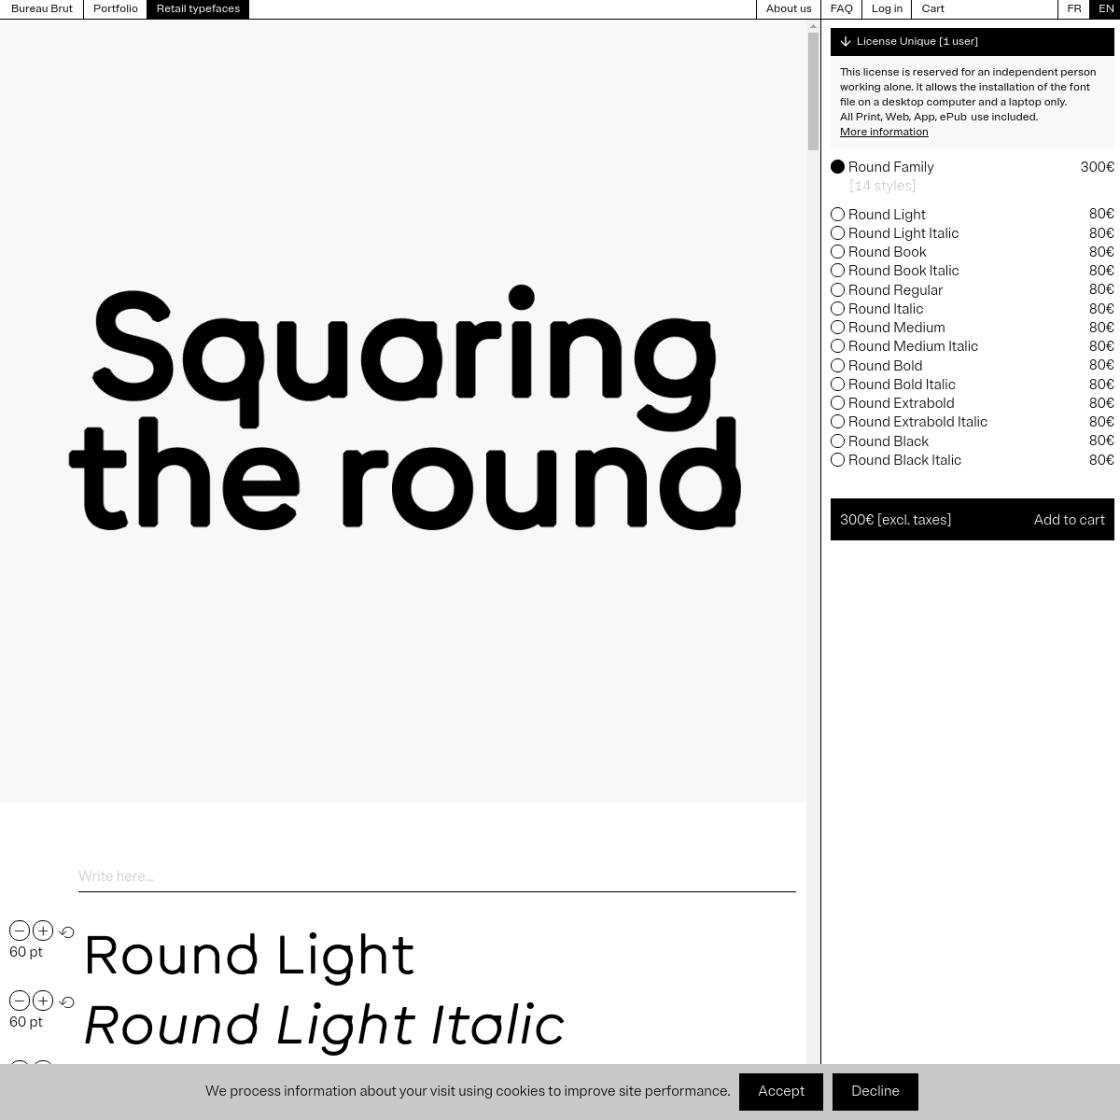 Screenshot of Round